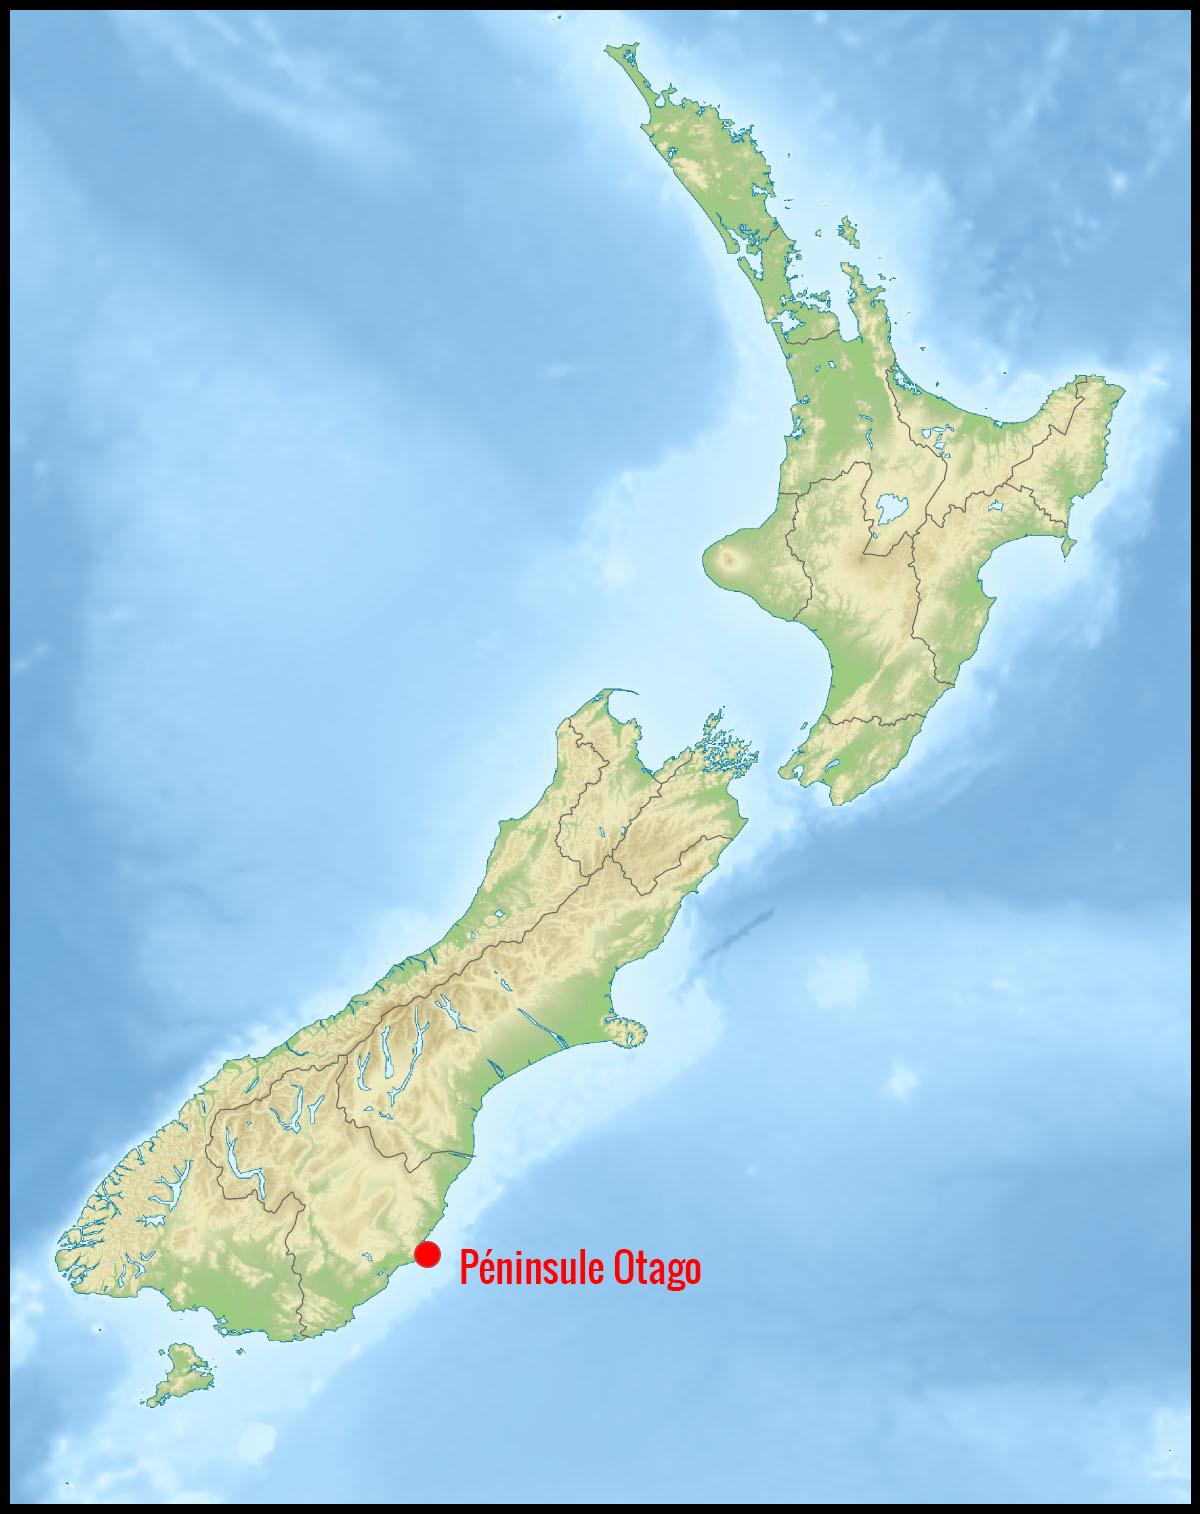 Carte péninsule Otago en Nouvelle-Zélande